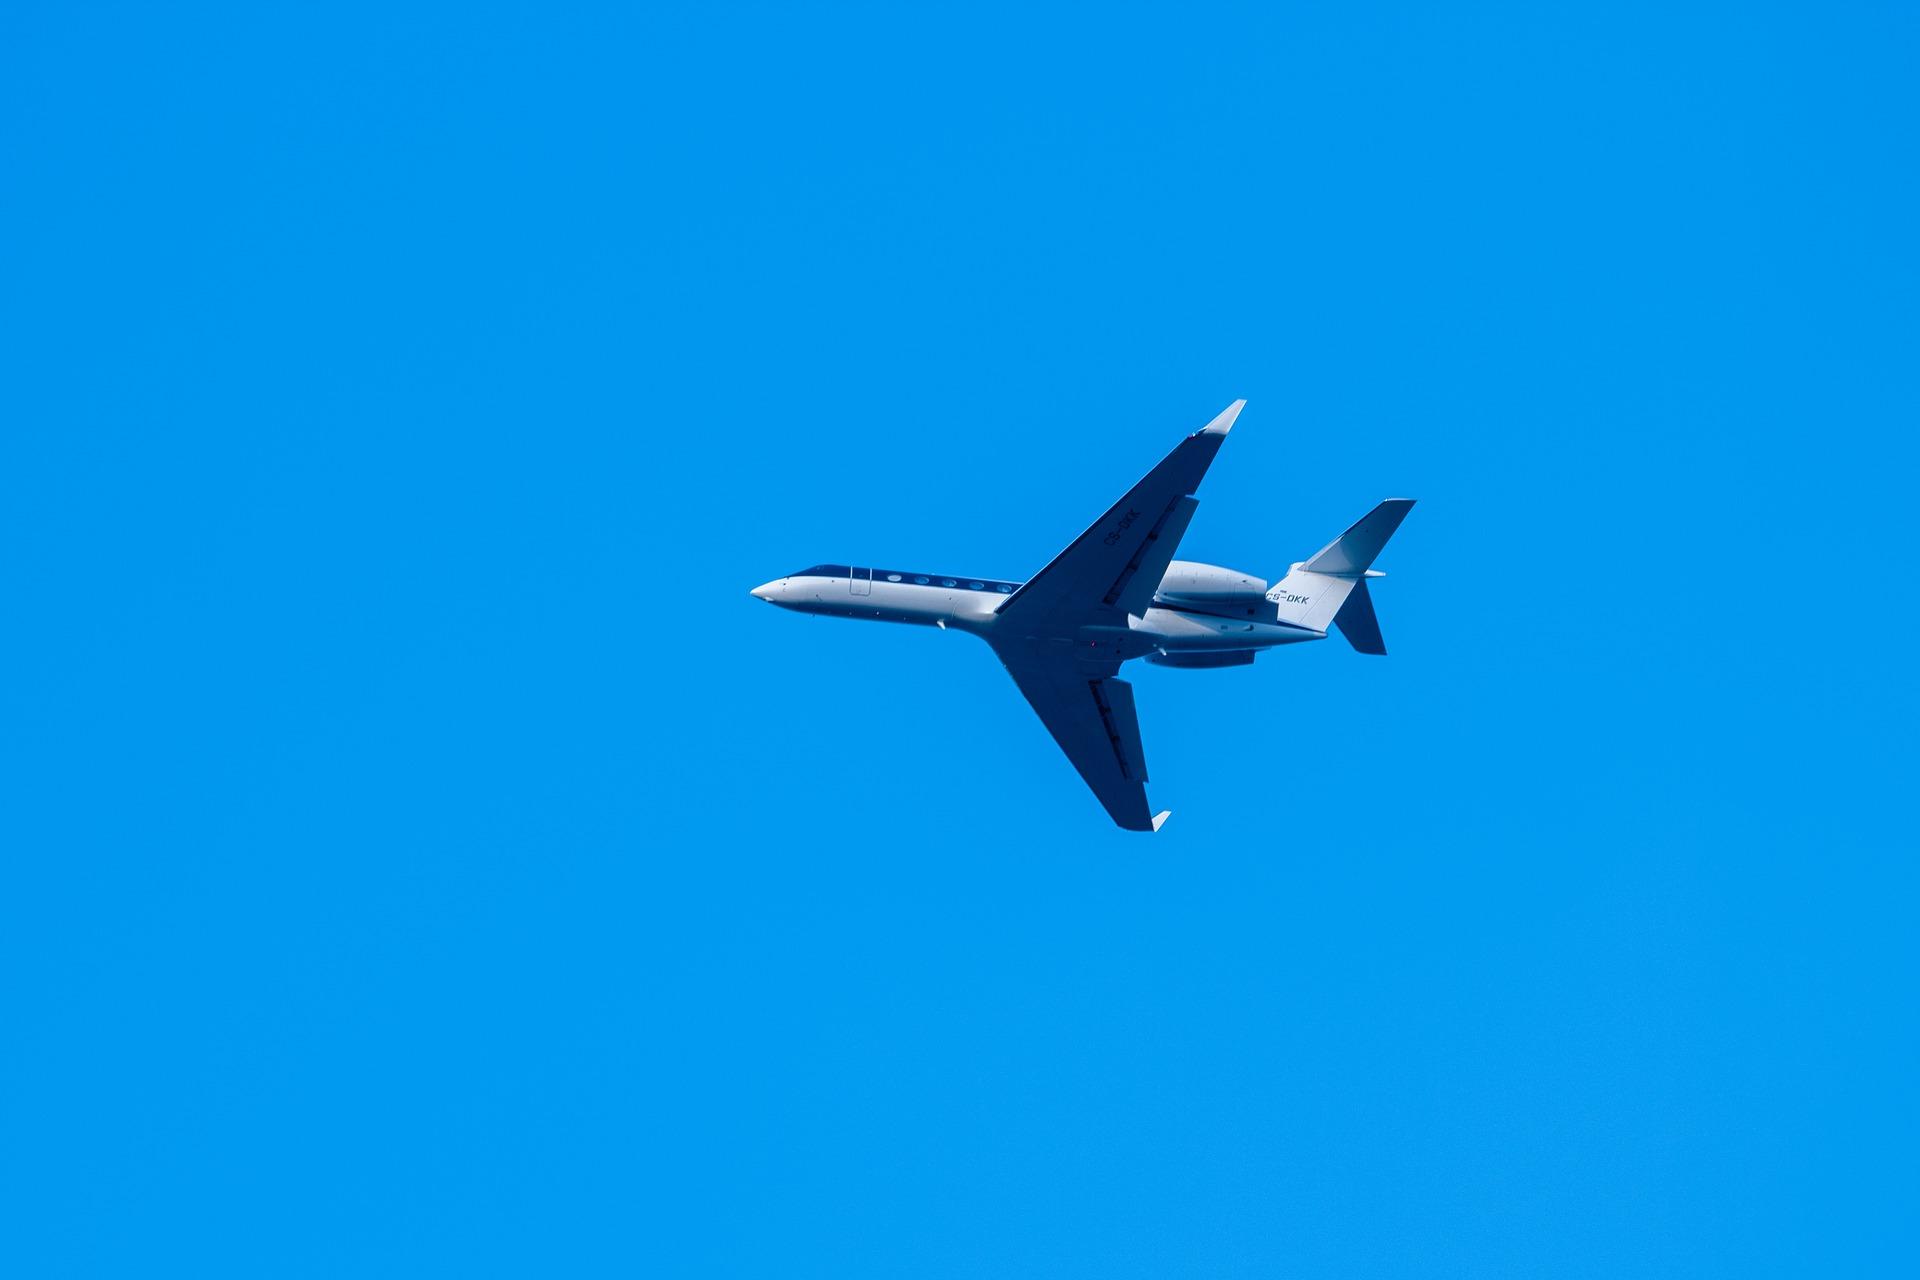 İran'da düşen özel Türk uçağı